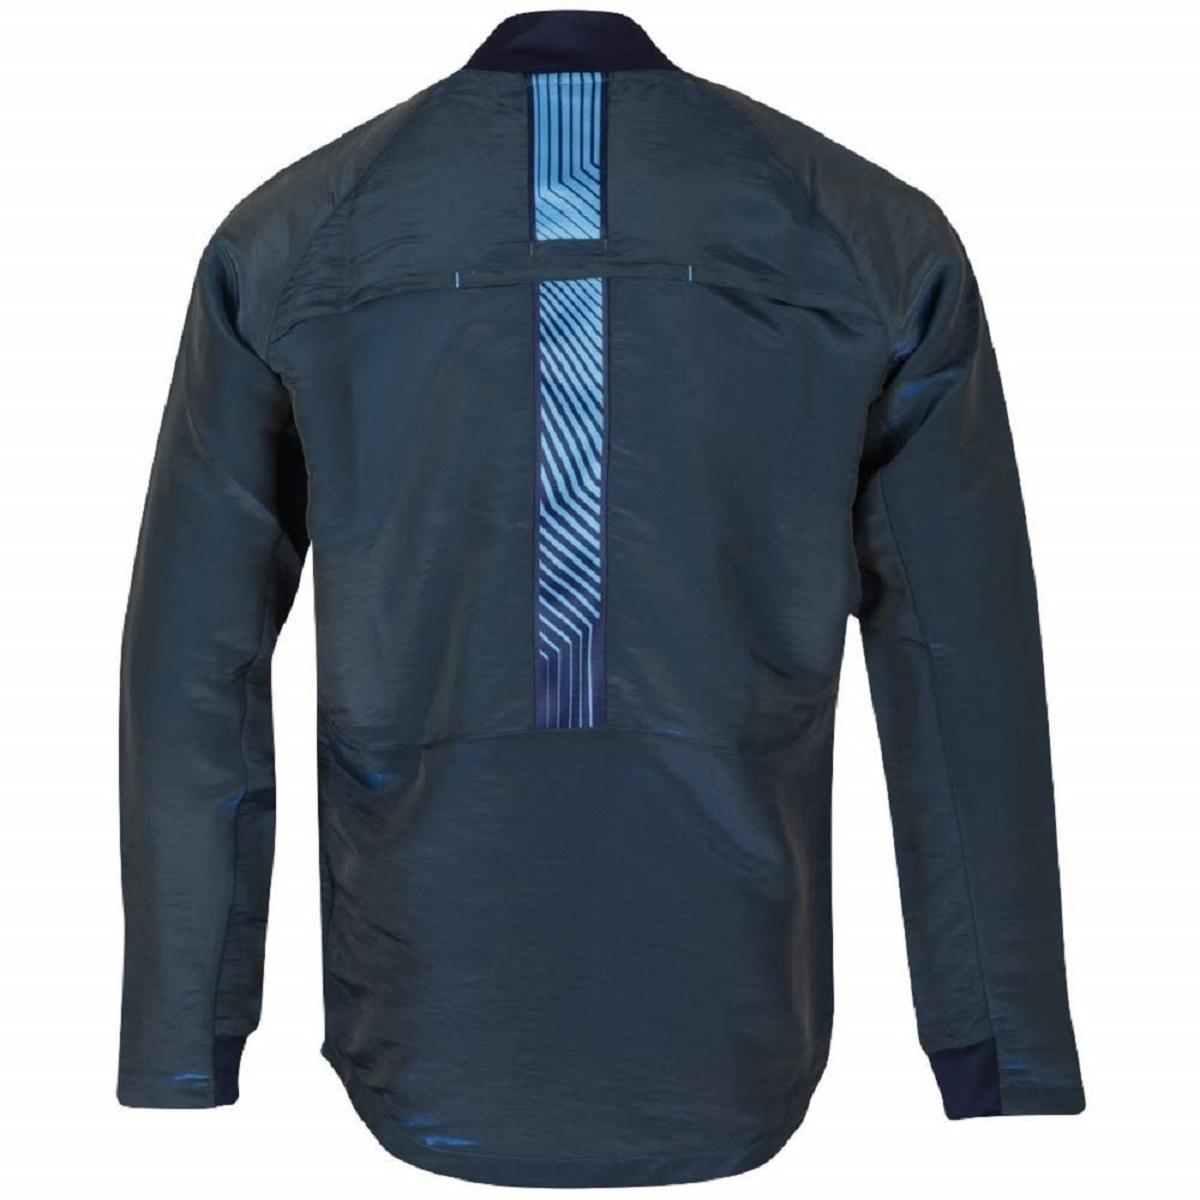 Chaqueta-Sintetico-Olympique-de-Marsella-pro-Jacket miniatura 2